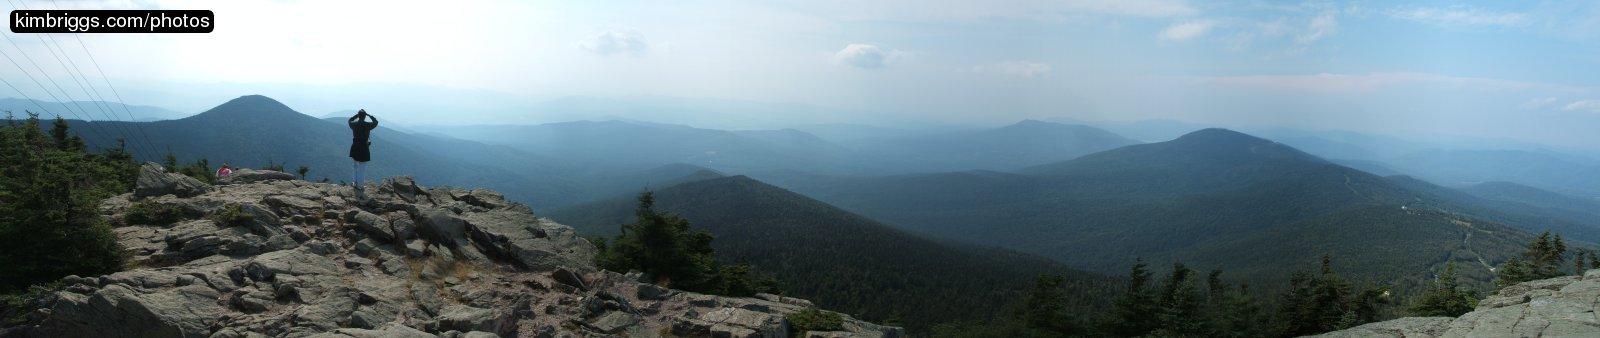 Vermont Mountain Biking Tours